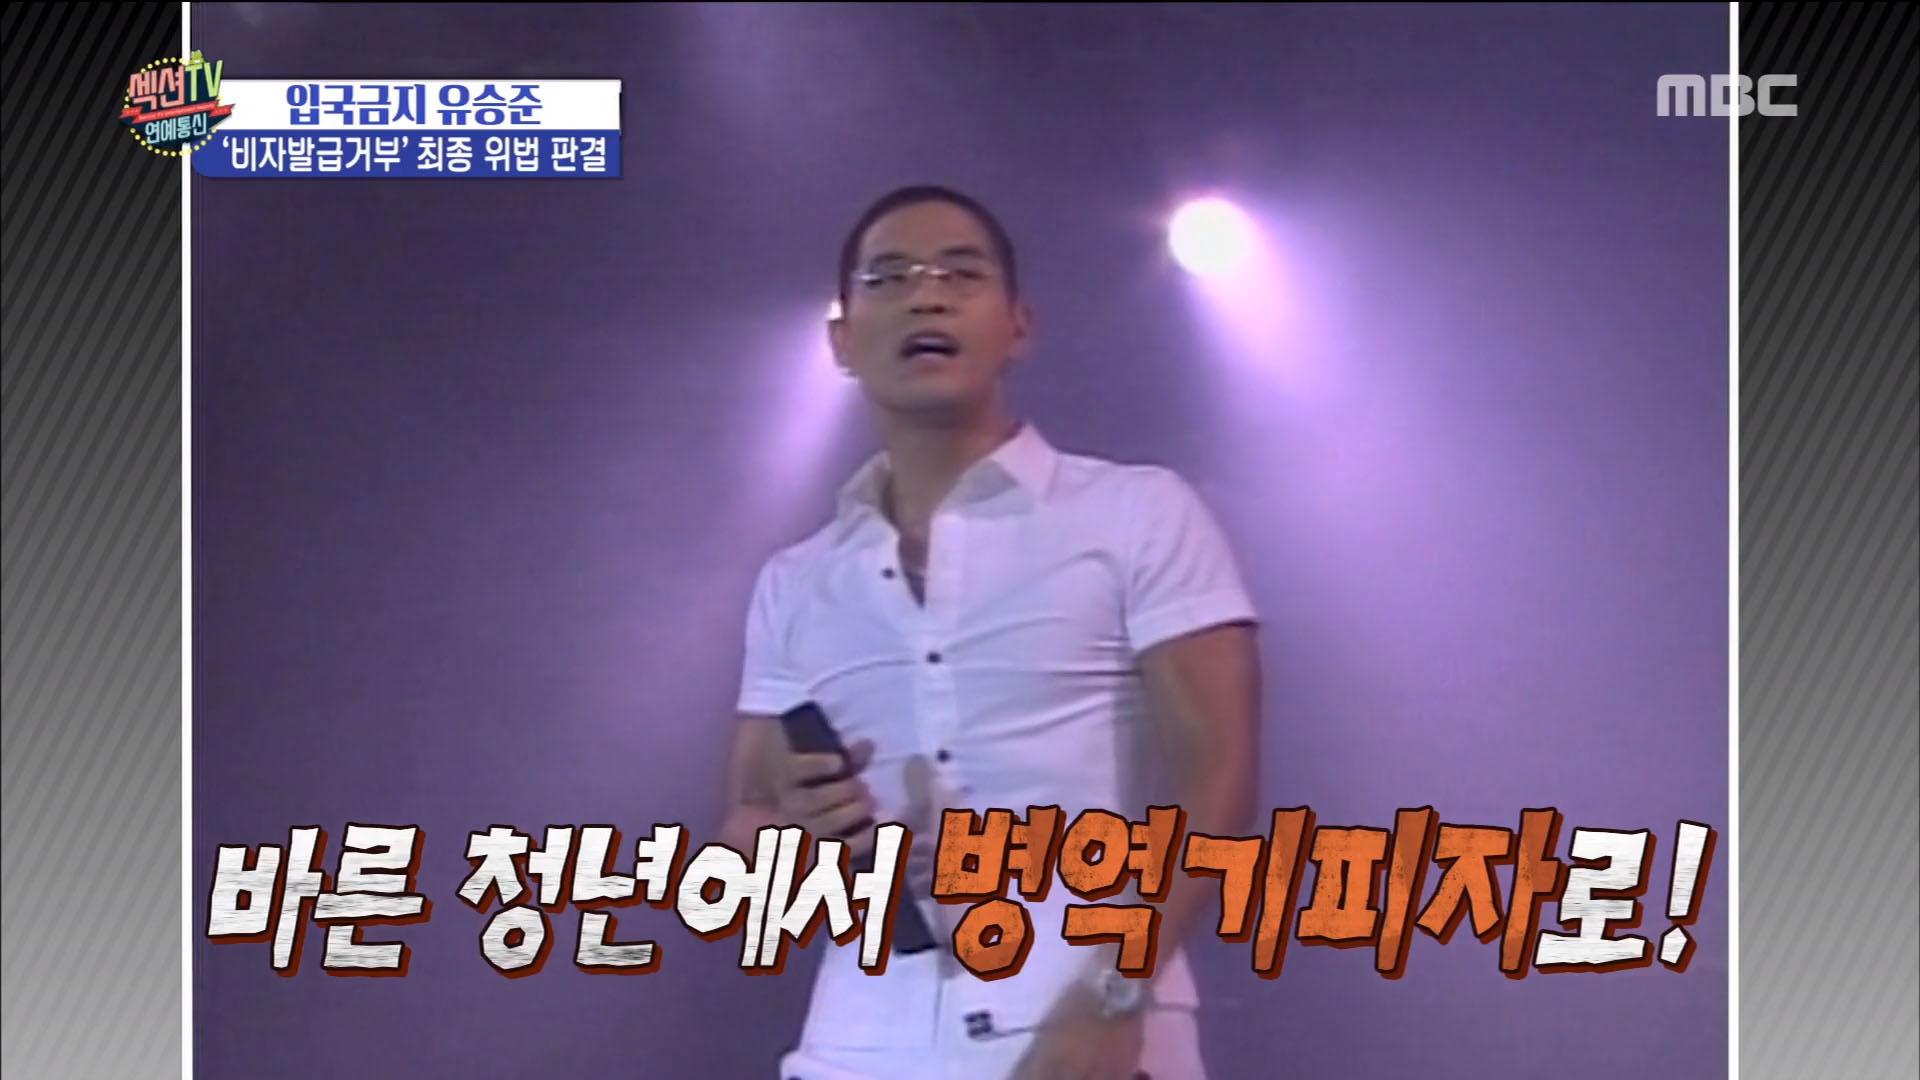 '섹션TV 연예통신' 유승준 '비자발급거부' 최종 위법 판결! 한국 땅 밟게 될까